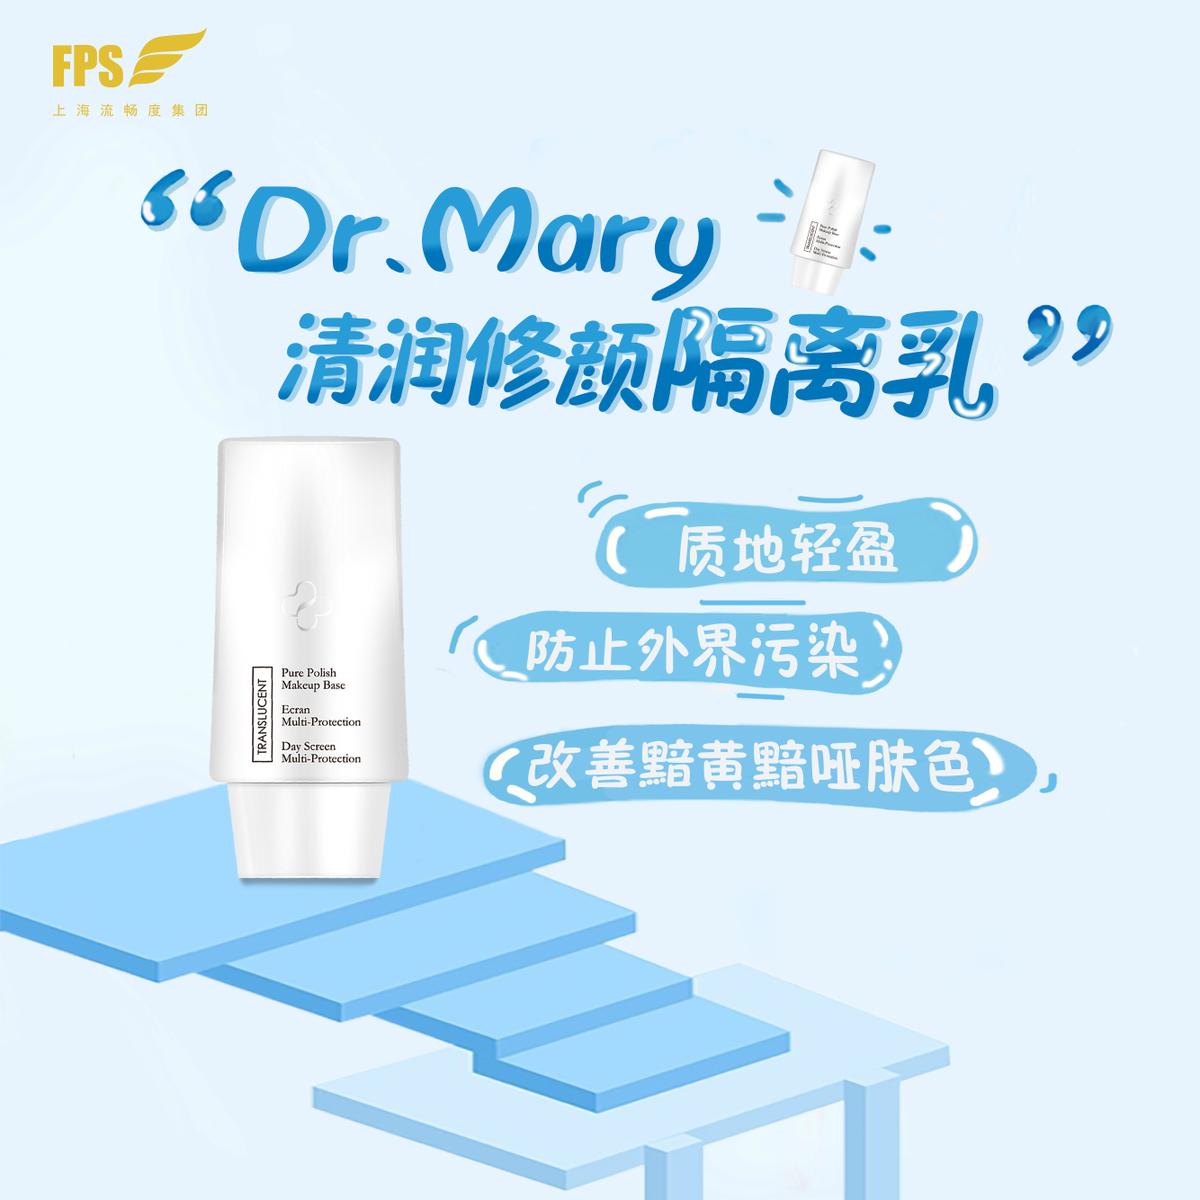 俏可人 玛丽博士 Dr.Mary 隔离乳 个护化妆品